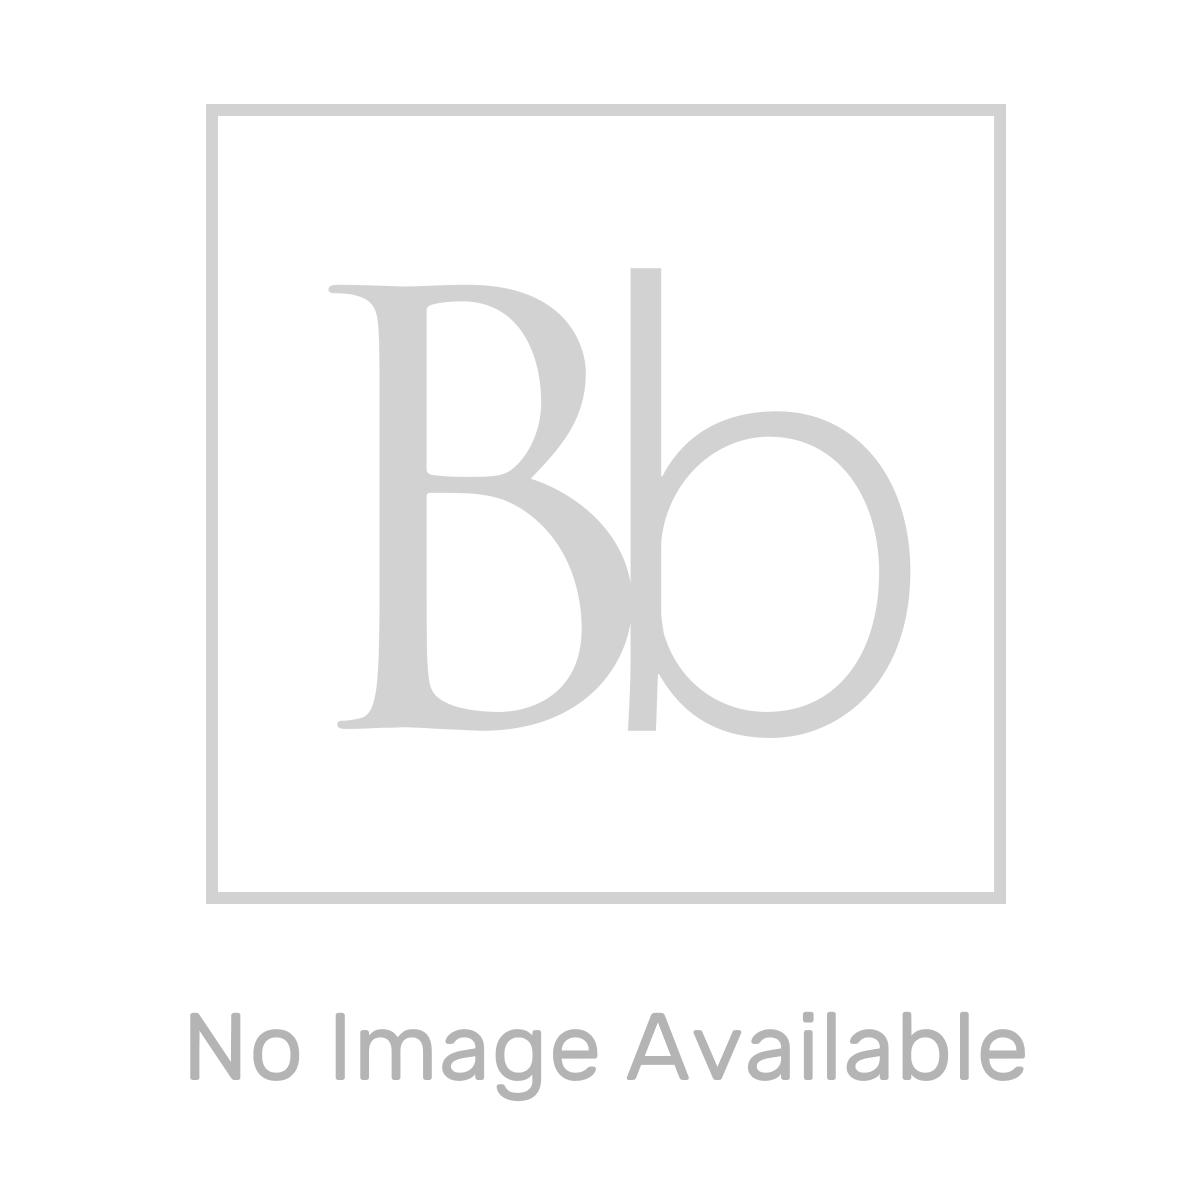 Aquadart Venturi 8 Double Door Quadrant Shower Enclosure